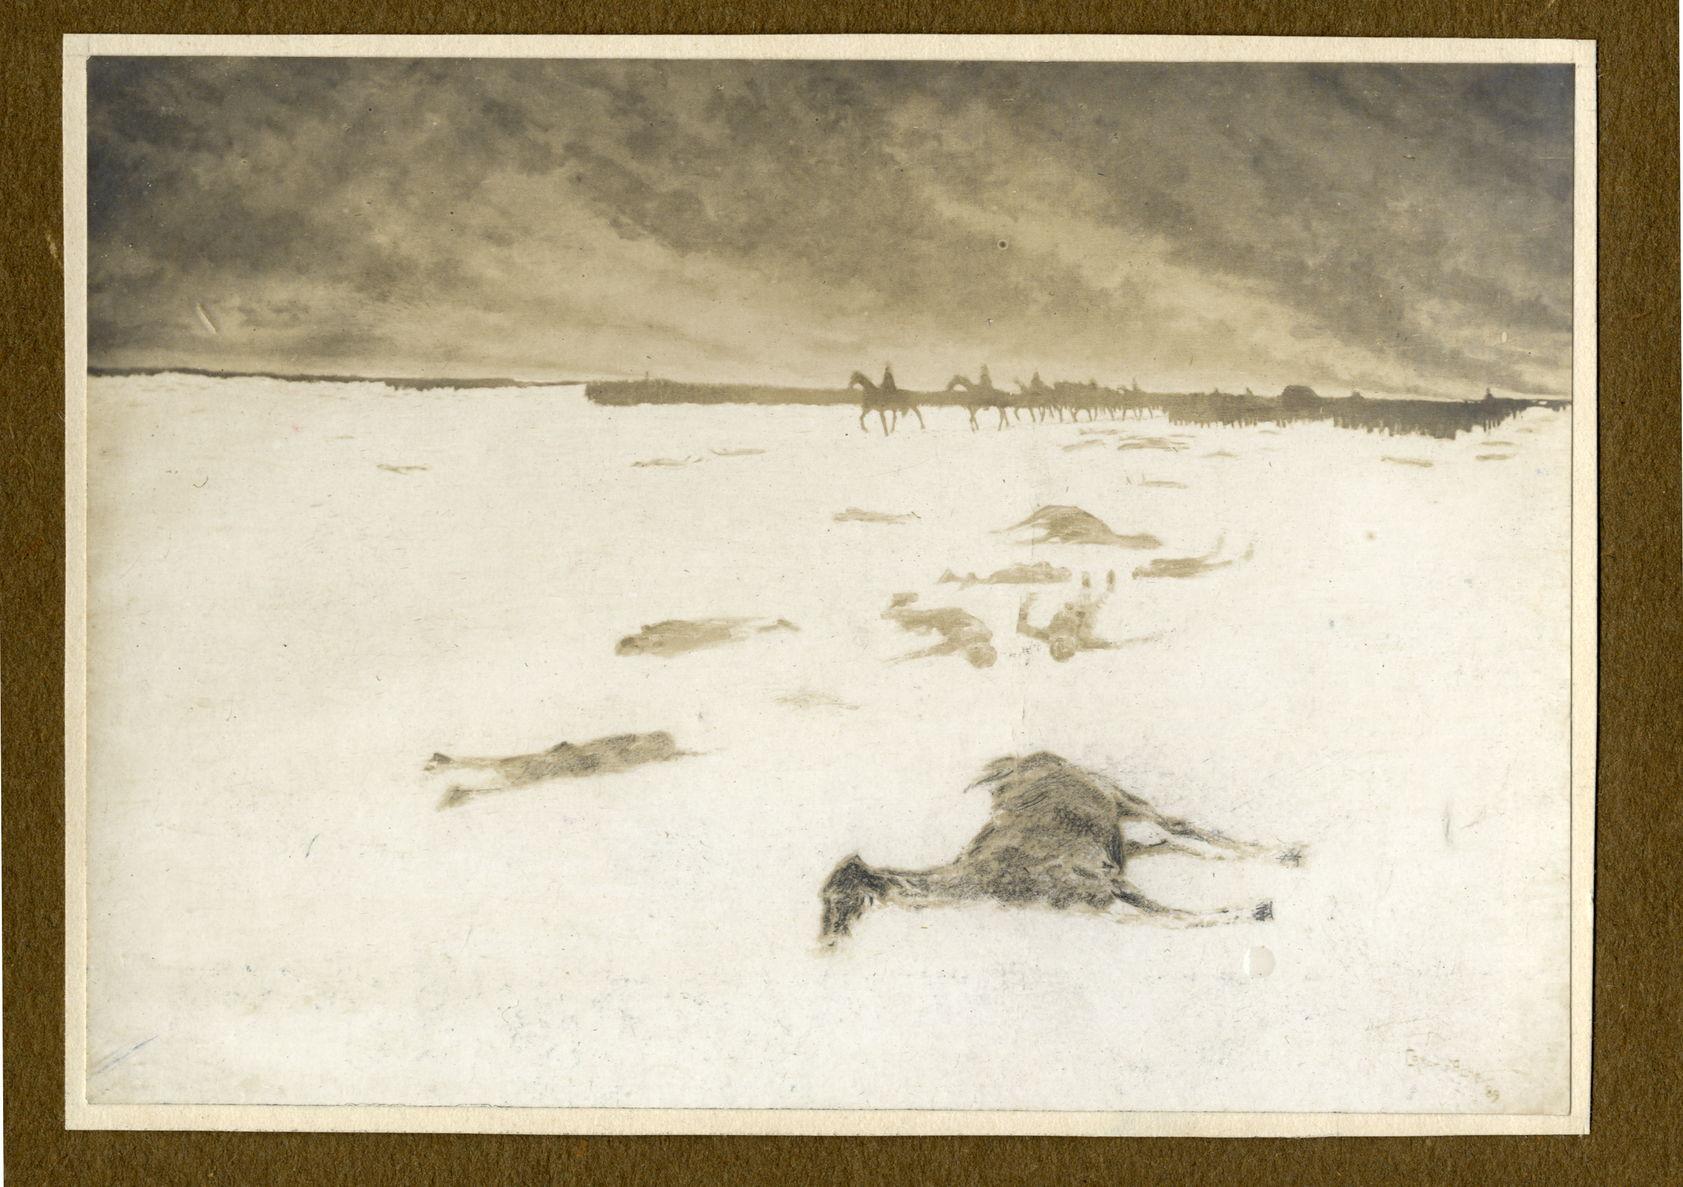 Blanc et noir (Черное и белое). 1889 г. Воспроизведение живописного полотна